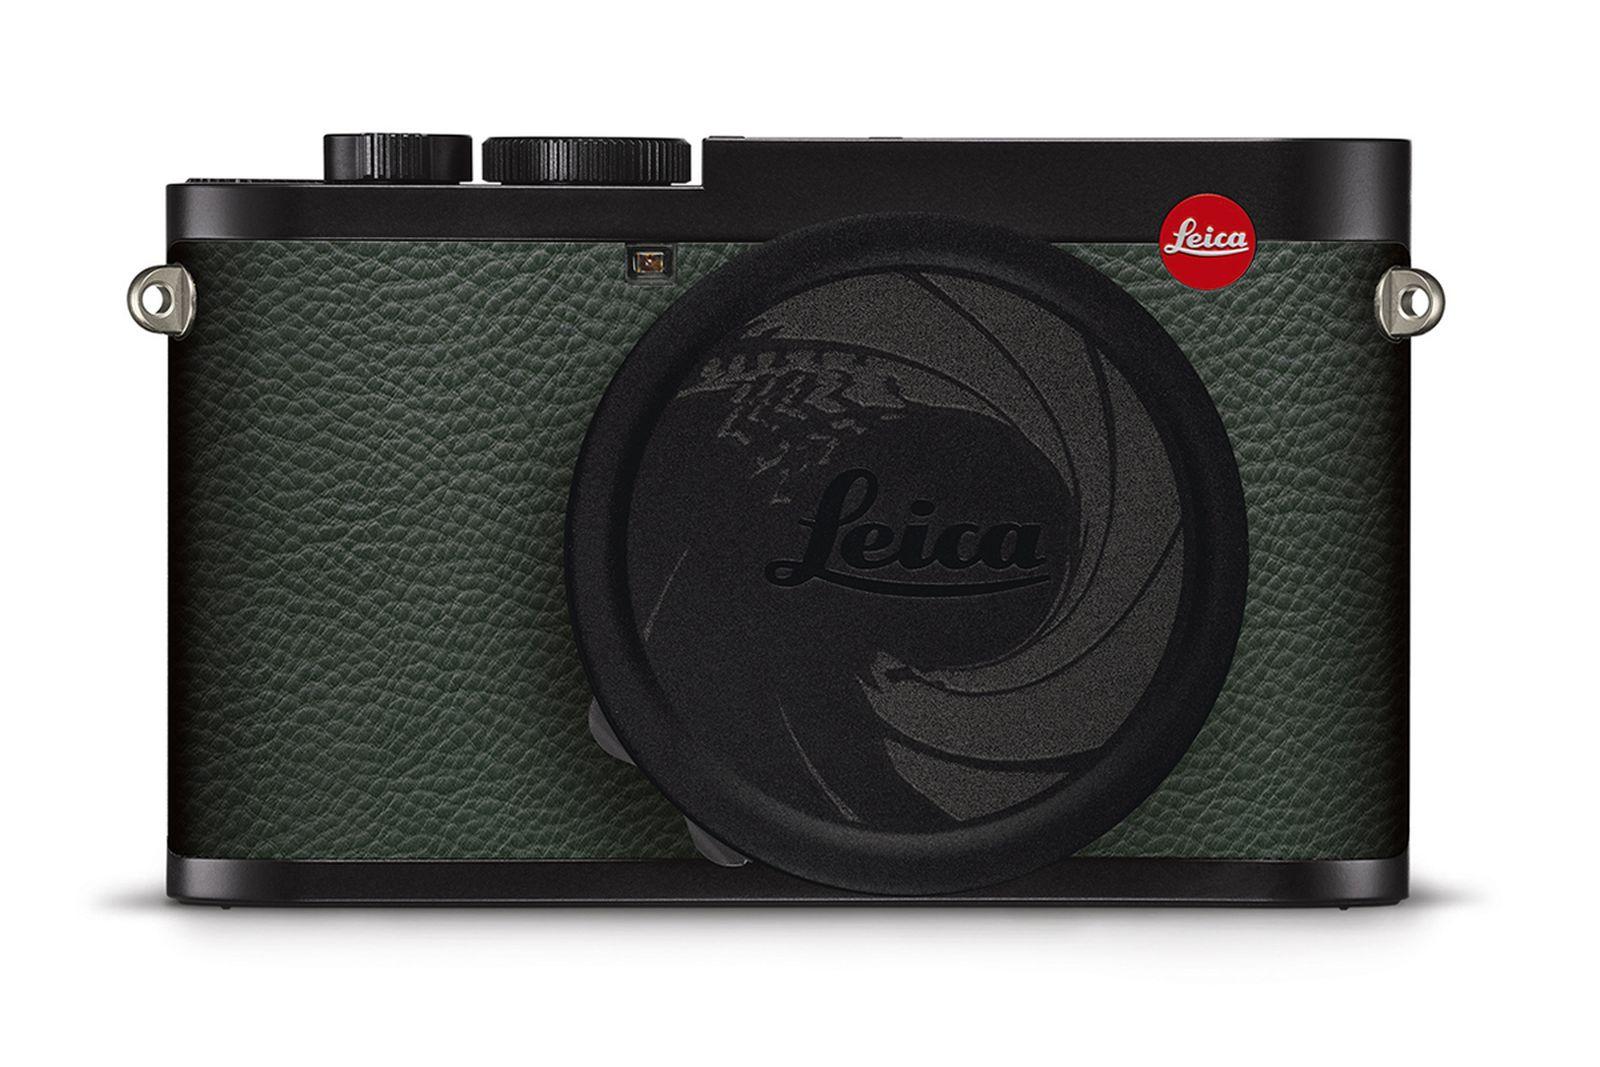 leica-james-bond-007-q2-camera (3)